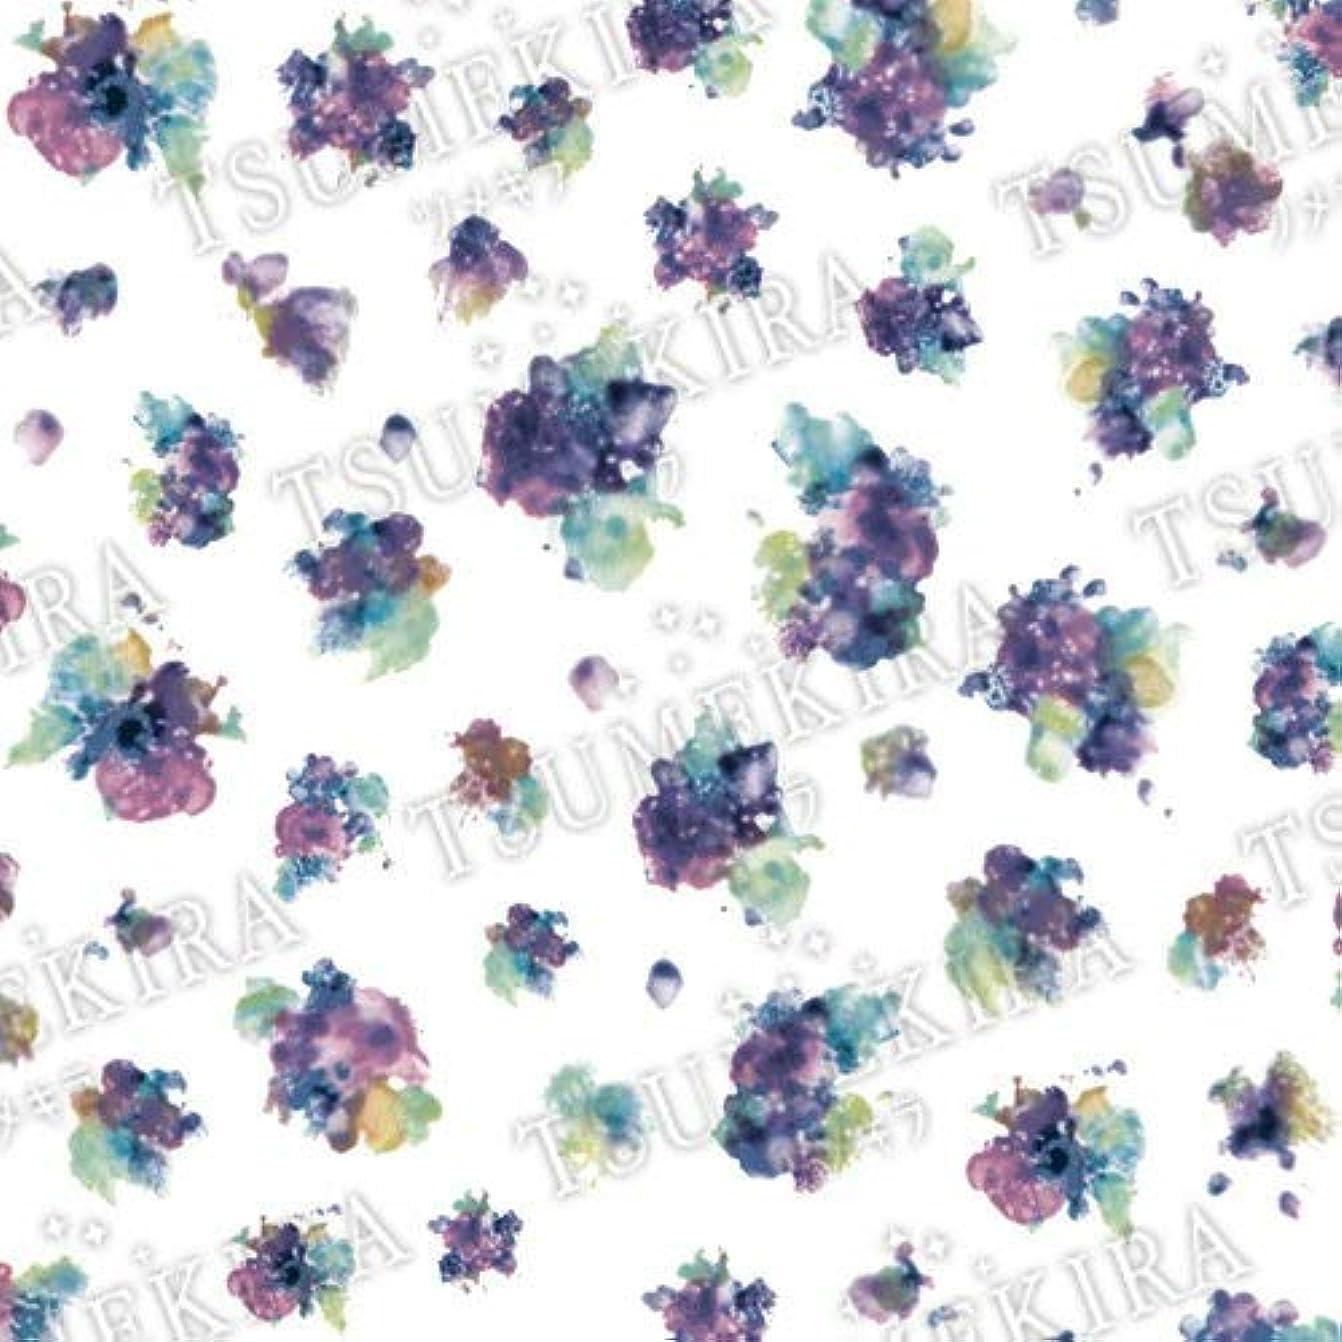 何か曲がった味TSUMEKIRA(ツメキラ) ネイルシール mi-miプロデュース1 Bouquet Bleu NN-MIM-103